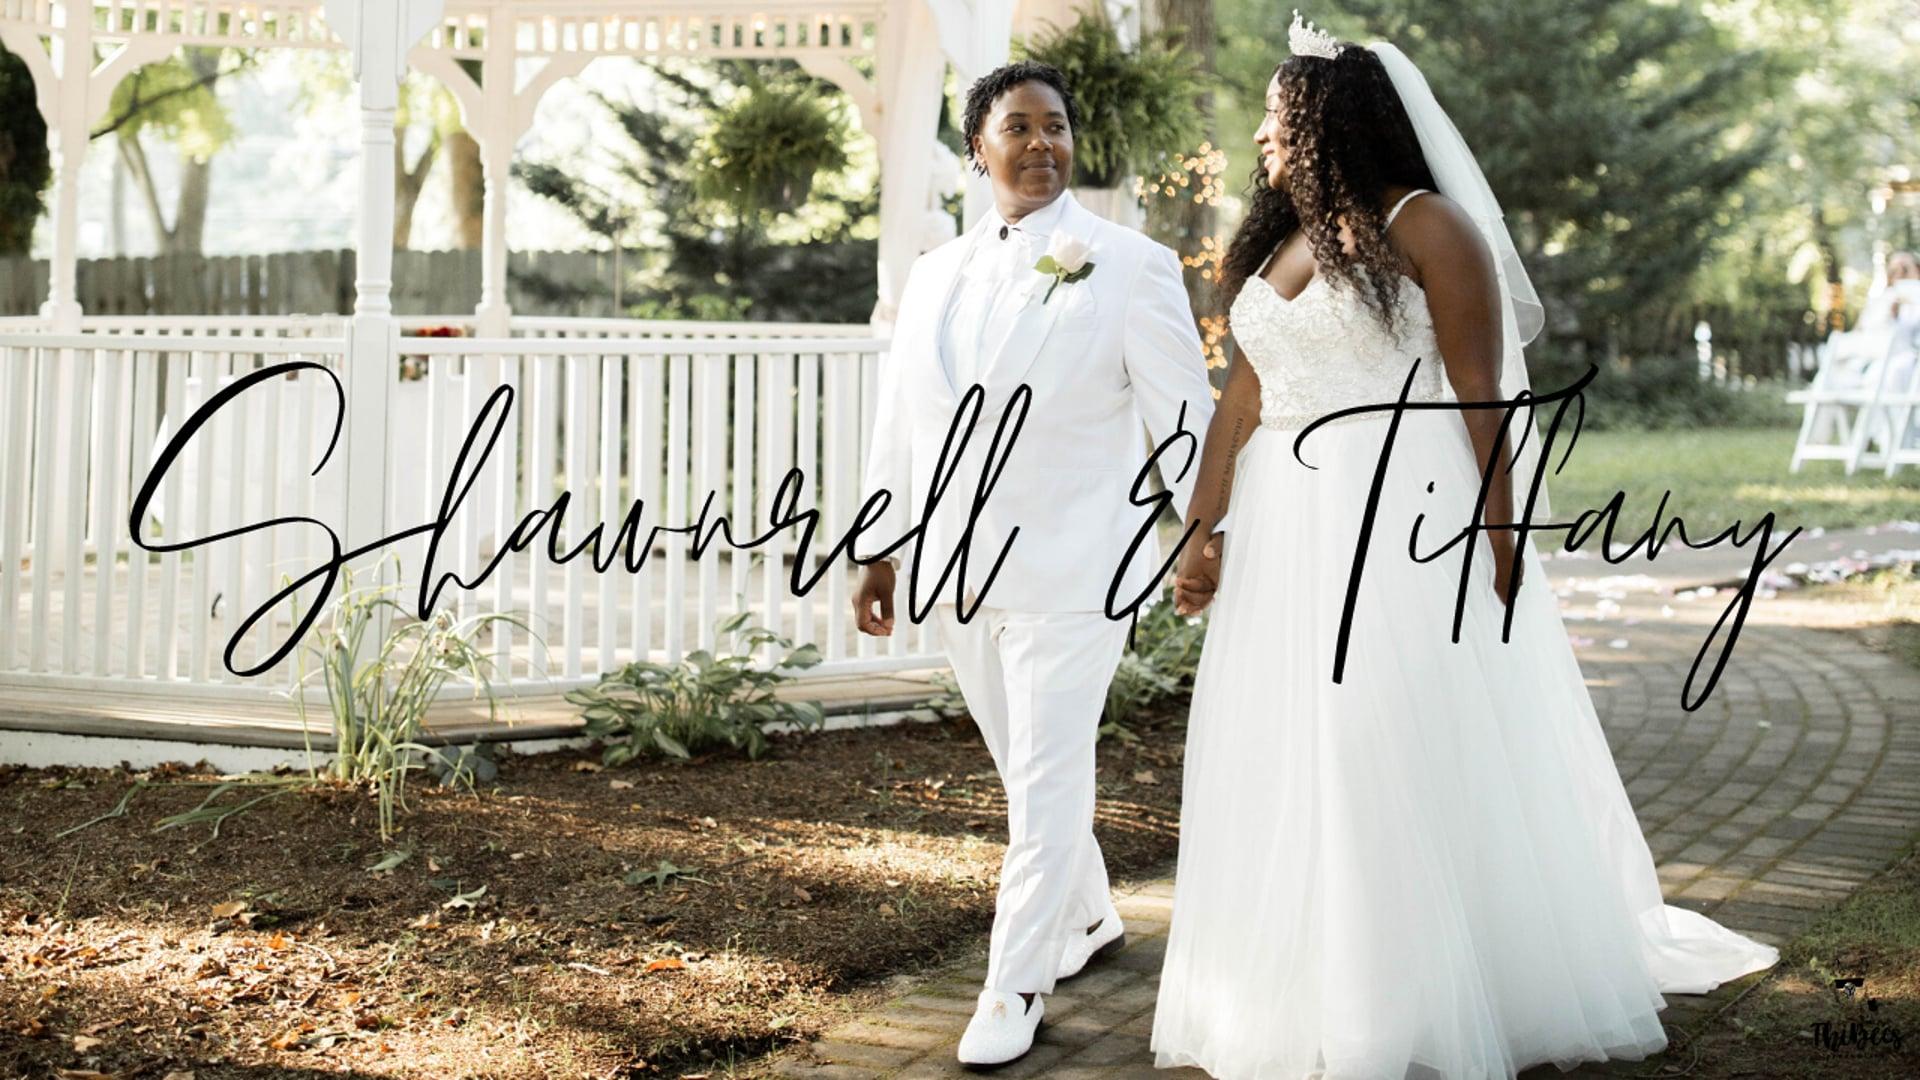 Dr. Shawnrell & Tiffany Wedding | Highlight Video | Clarksville, VA